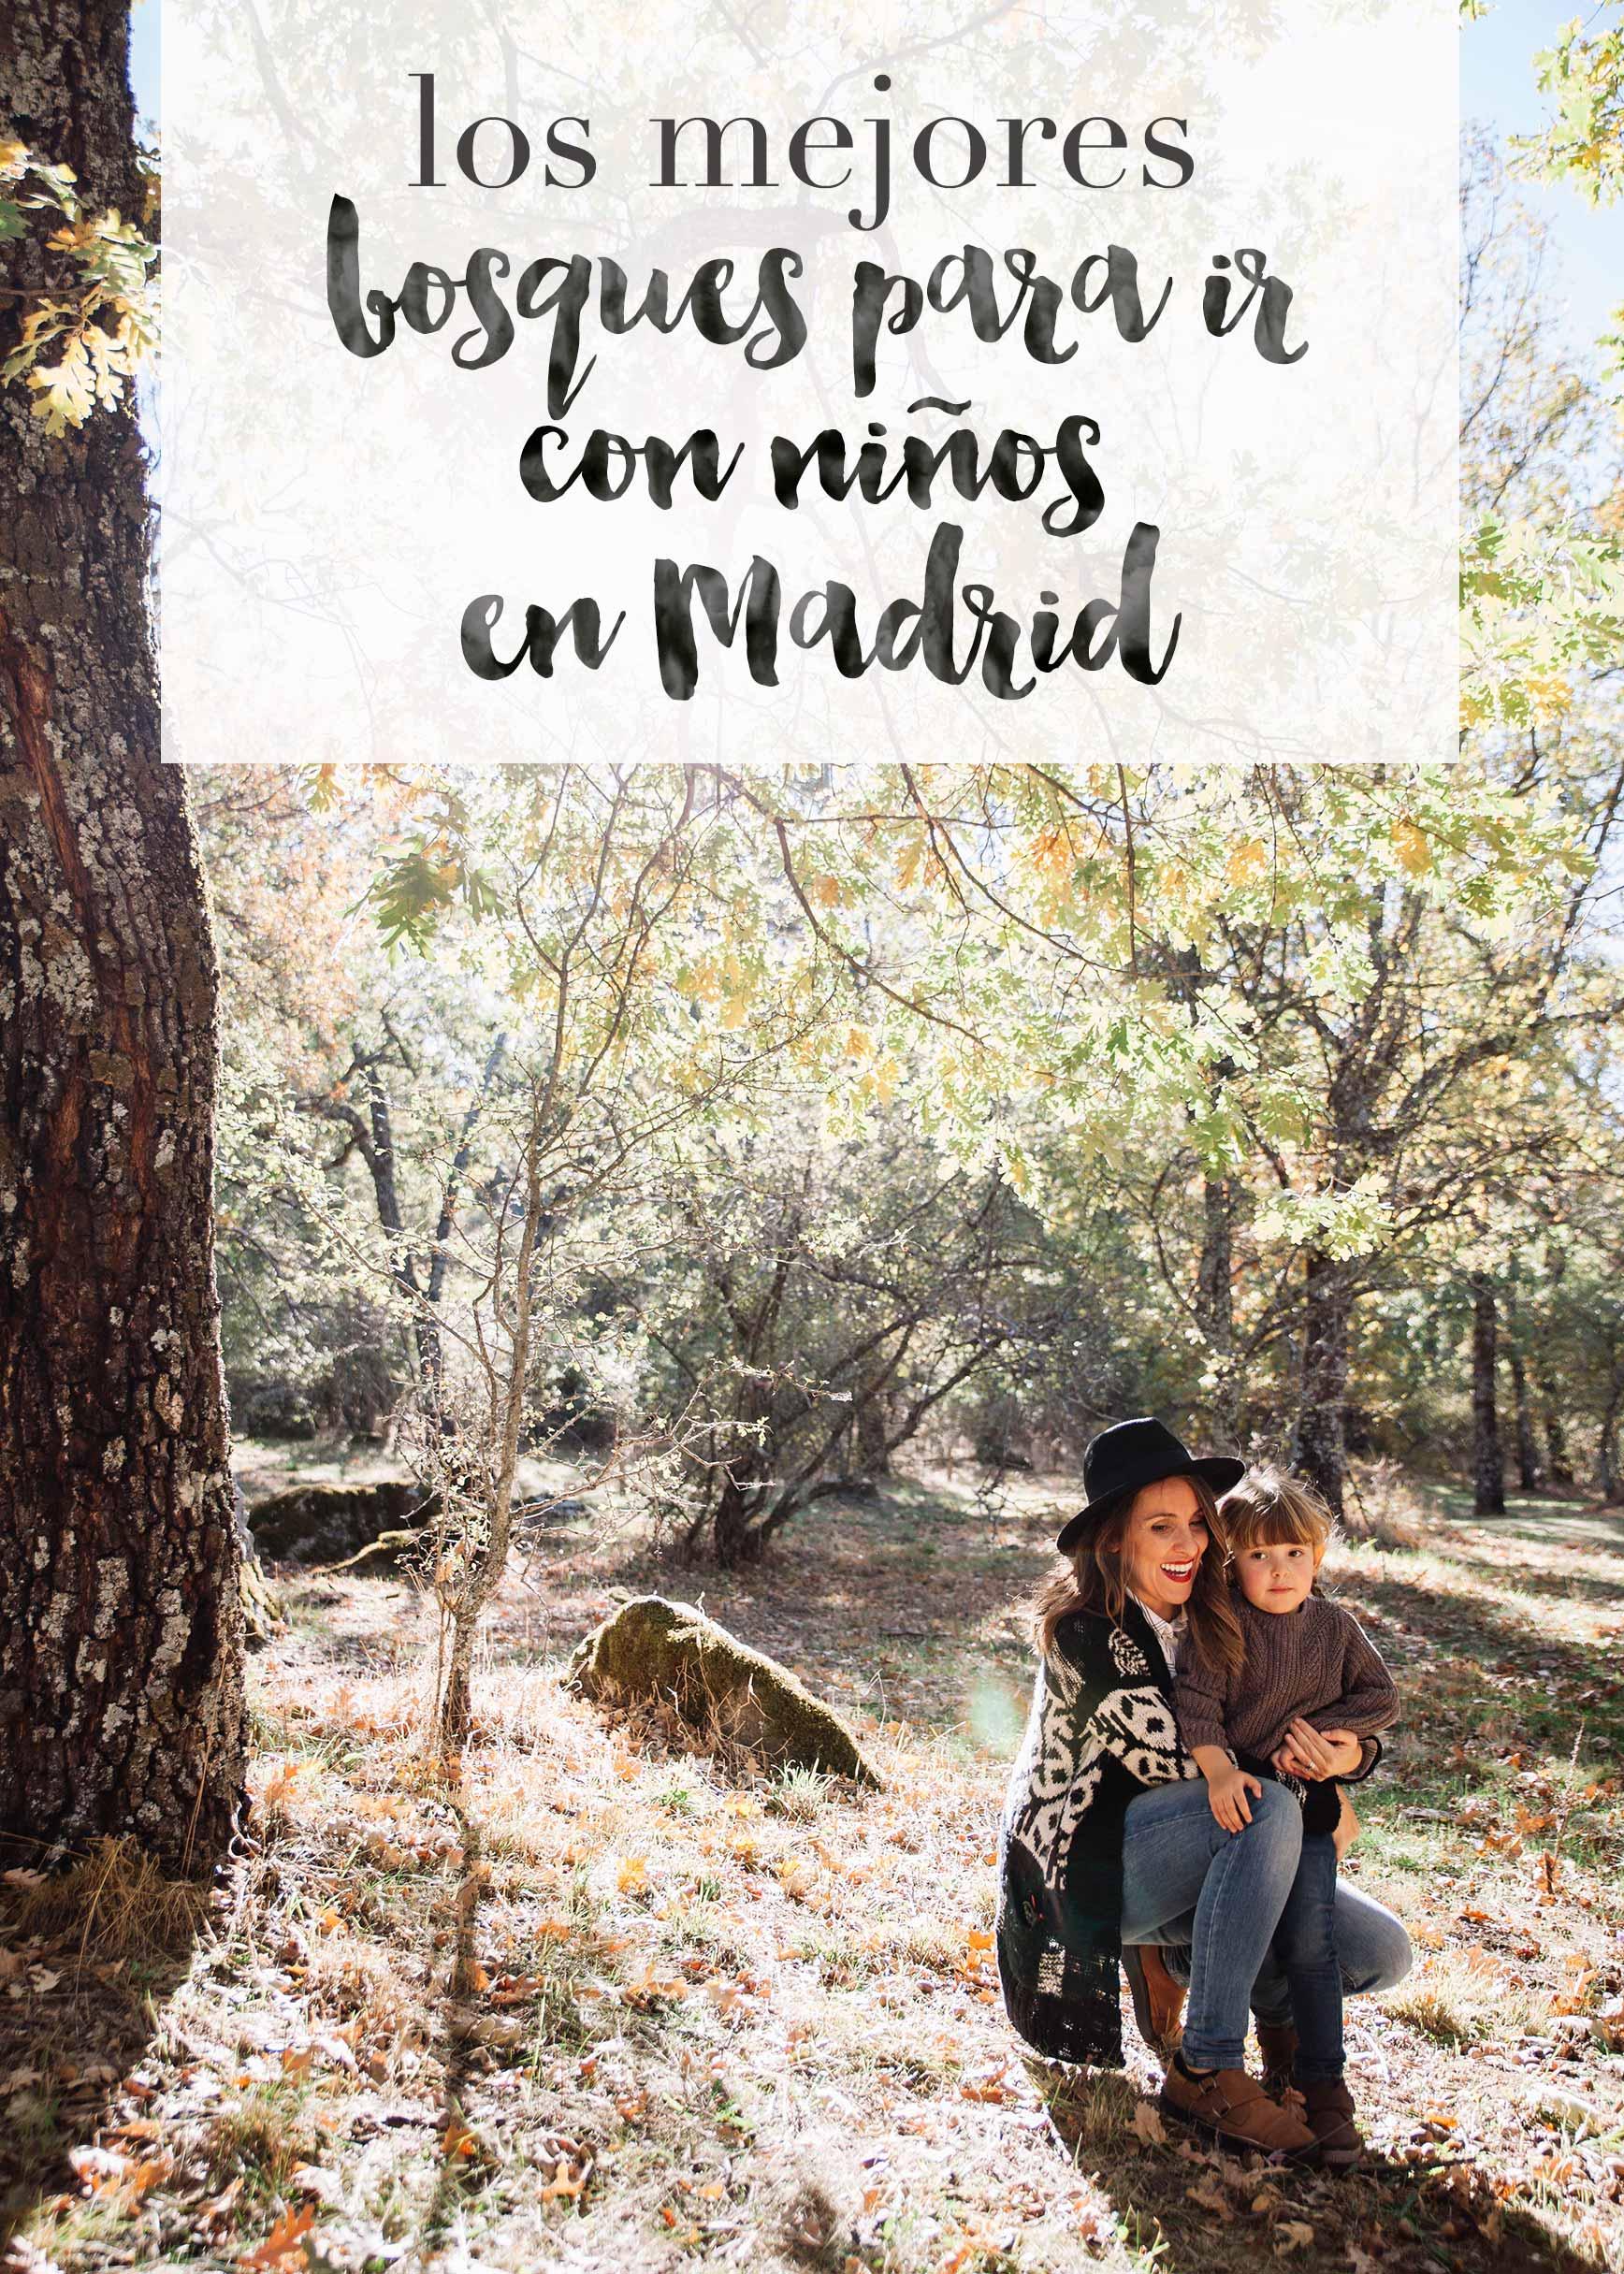 Bosques-para-ir-con-niños-Madrid